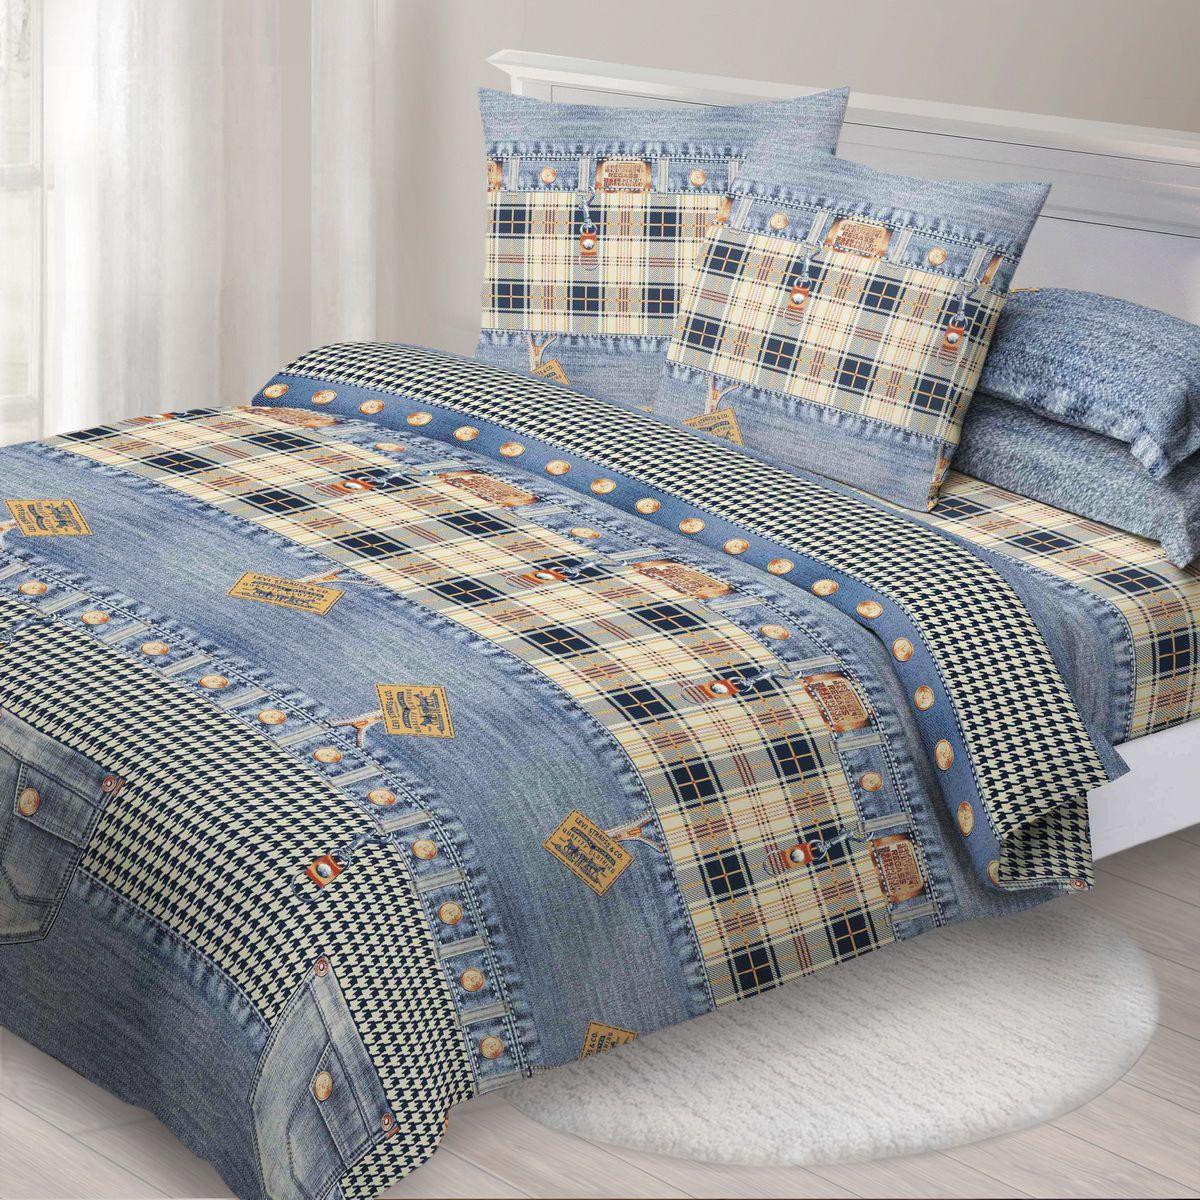 Комплект белья Спал Спалыч Деним, евро, наволочки 70x70, цвет: синий90887Спал Спалыч - недорогое, но качественное постельное белье из белорусской бязи. Актуальные дизайны, авторская упаковка в сочетании с качественными материалами и приемлемой ценой - залог успеха Спал Спалыча!В ассортименте широкая линейка домашнего текстиля для всей семьи - современные дизайны современному покупателю! Ткань обработана по технологии PERFECT WAY - благодаря чему, она становится более гладкой и шелковистой.• Бязь Барановичи 100% хлопок• Плотность ткани - 125 гр/кв.м.